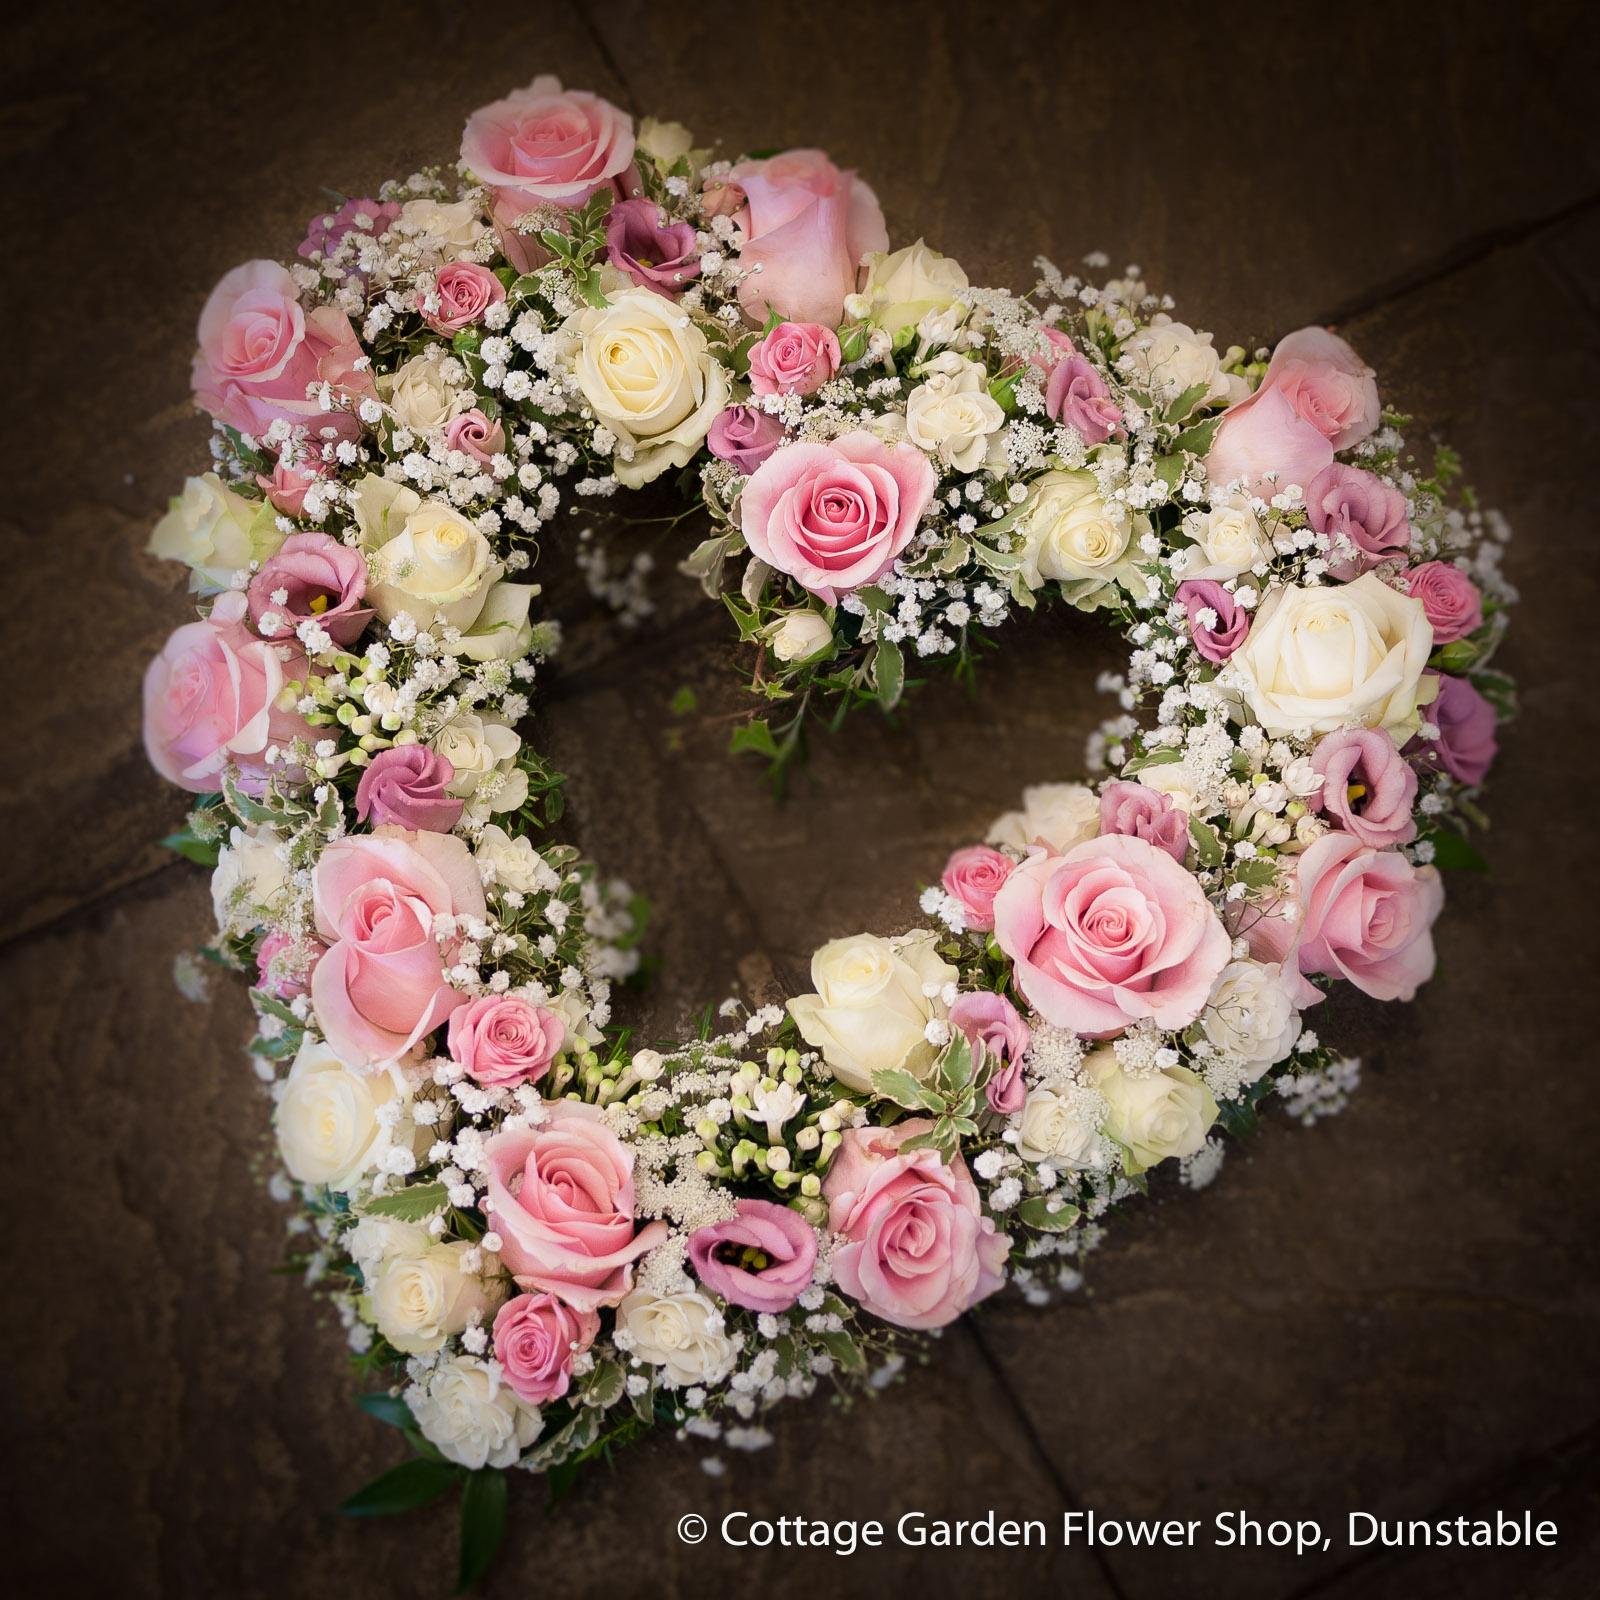 Pink Cream Rose Heart The Cottage Garden Flower Shop